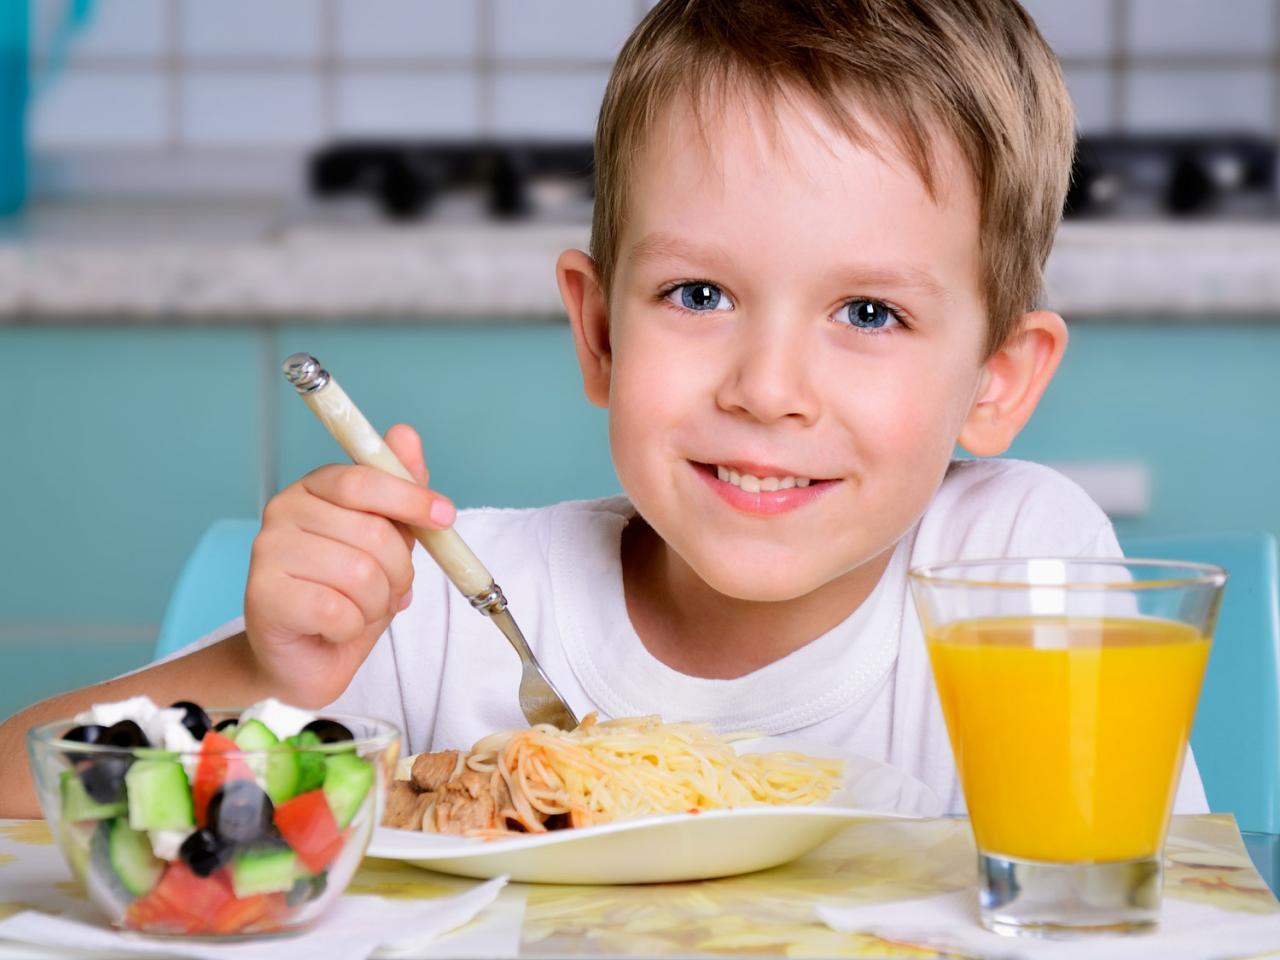 تغذيه الاطفال منذ سن الولادة و الى بداية فتره المراهقه